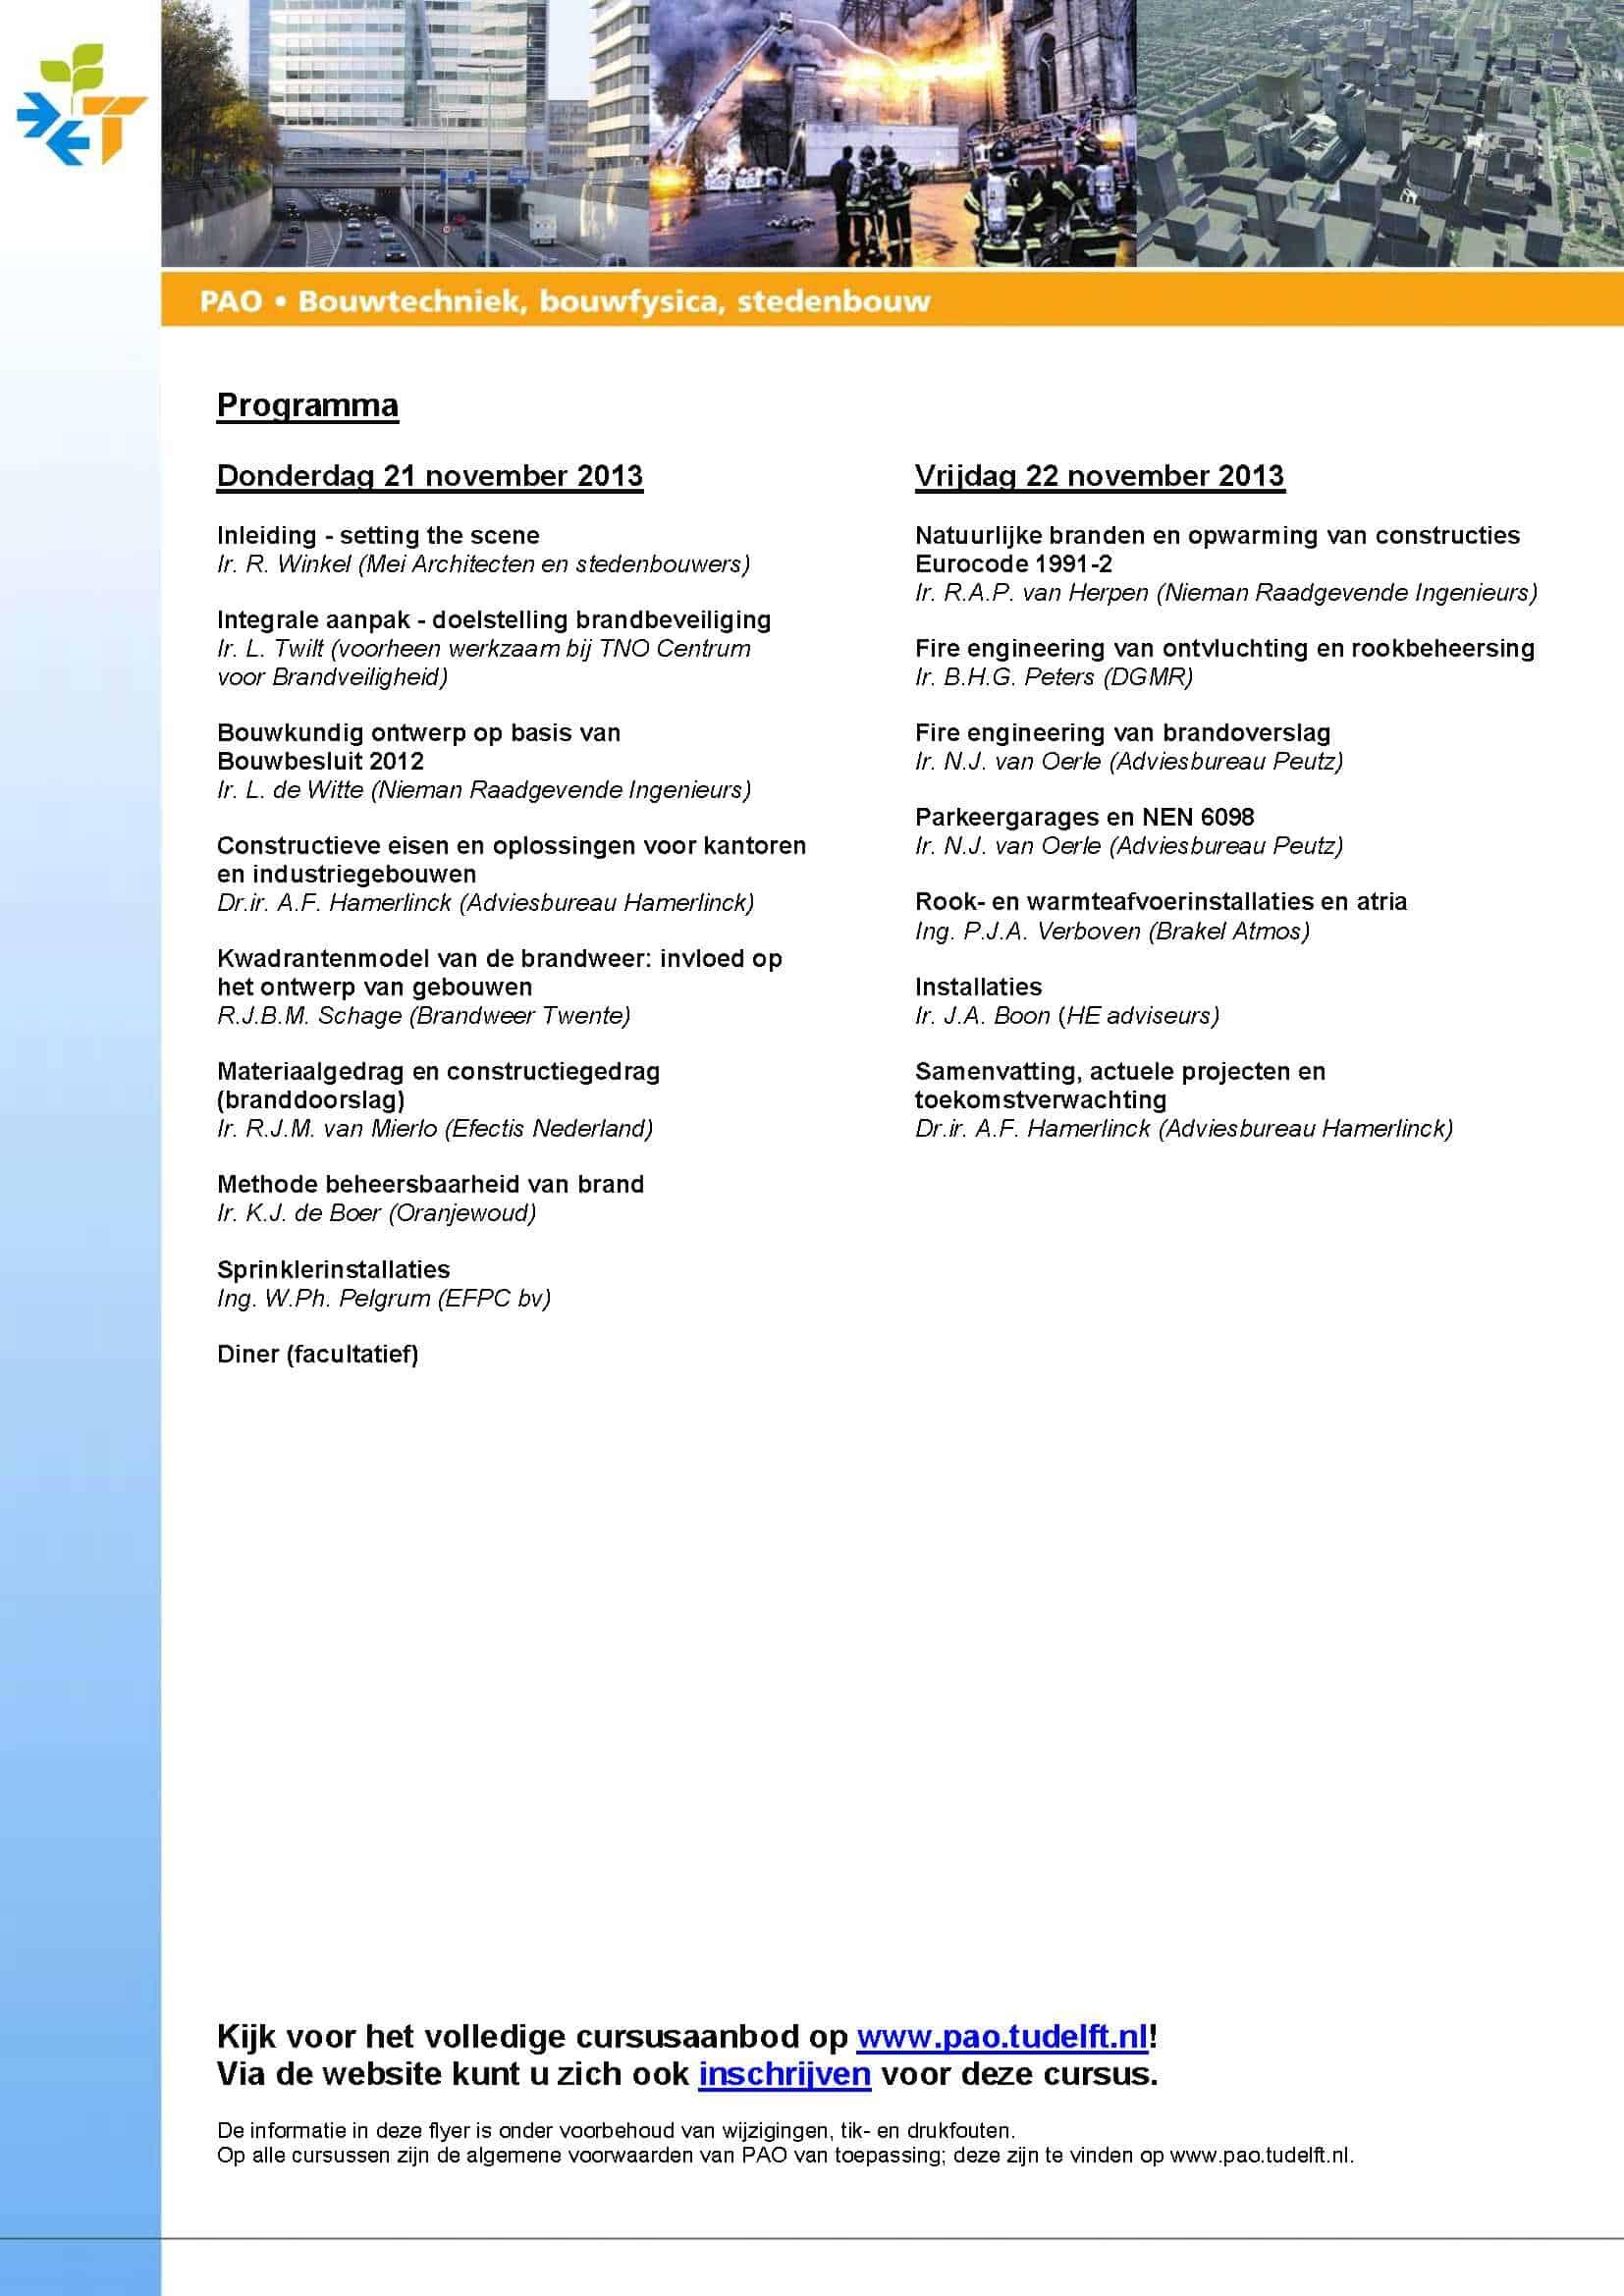 PAO-Brand-een-integrale-aanpak-november-2013-onder-voorbehoud_2-1